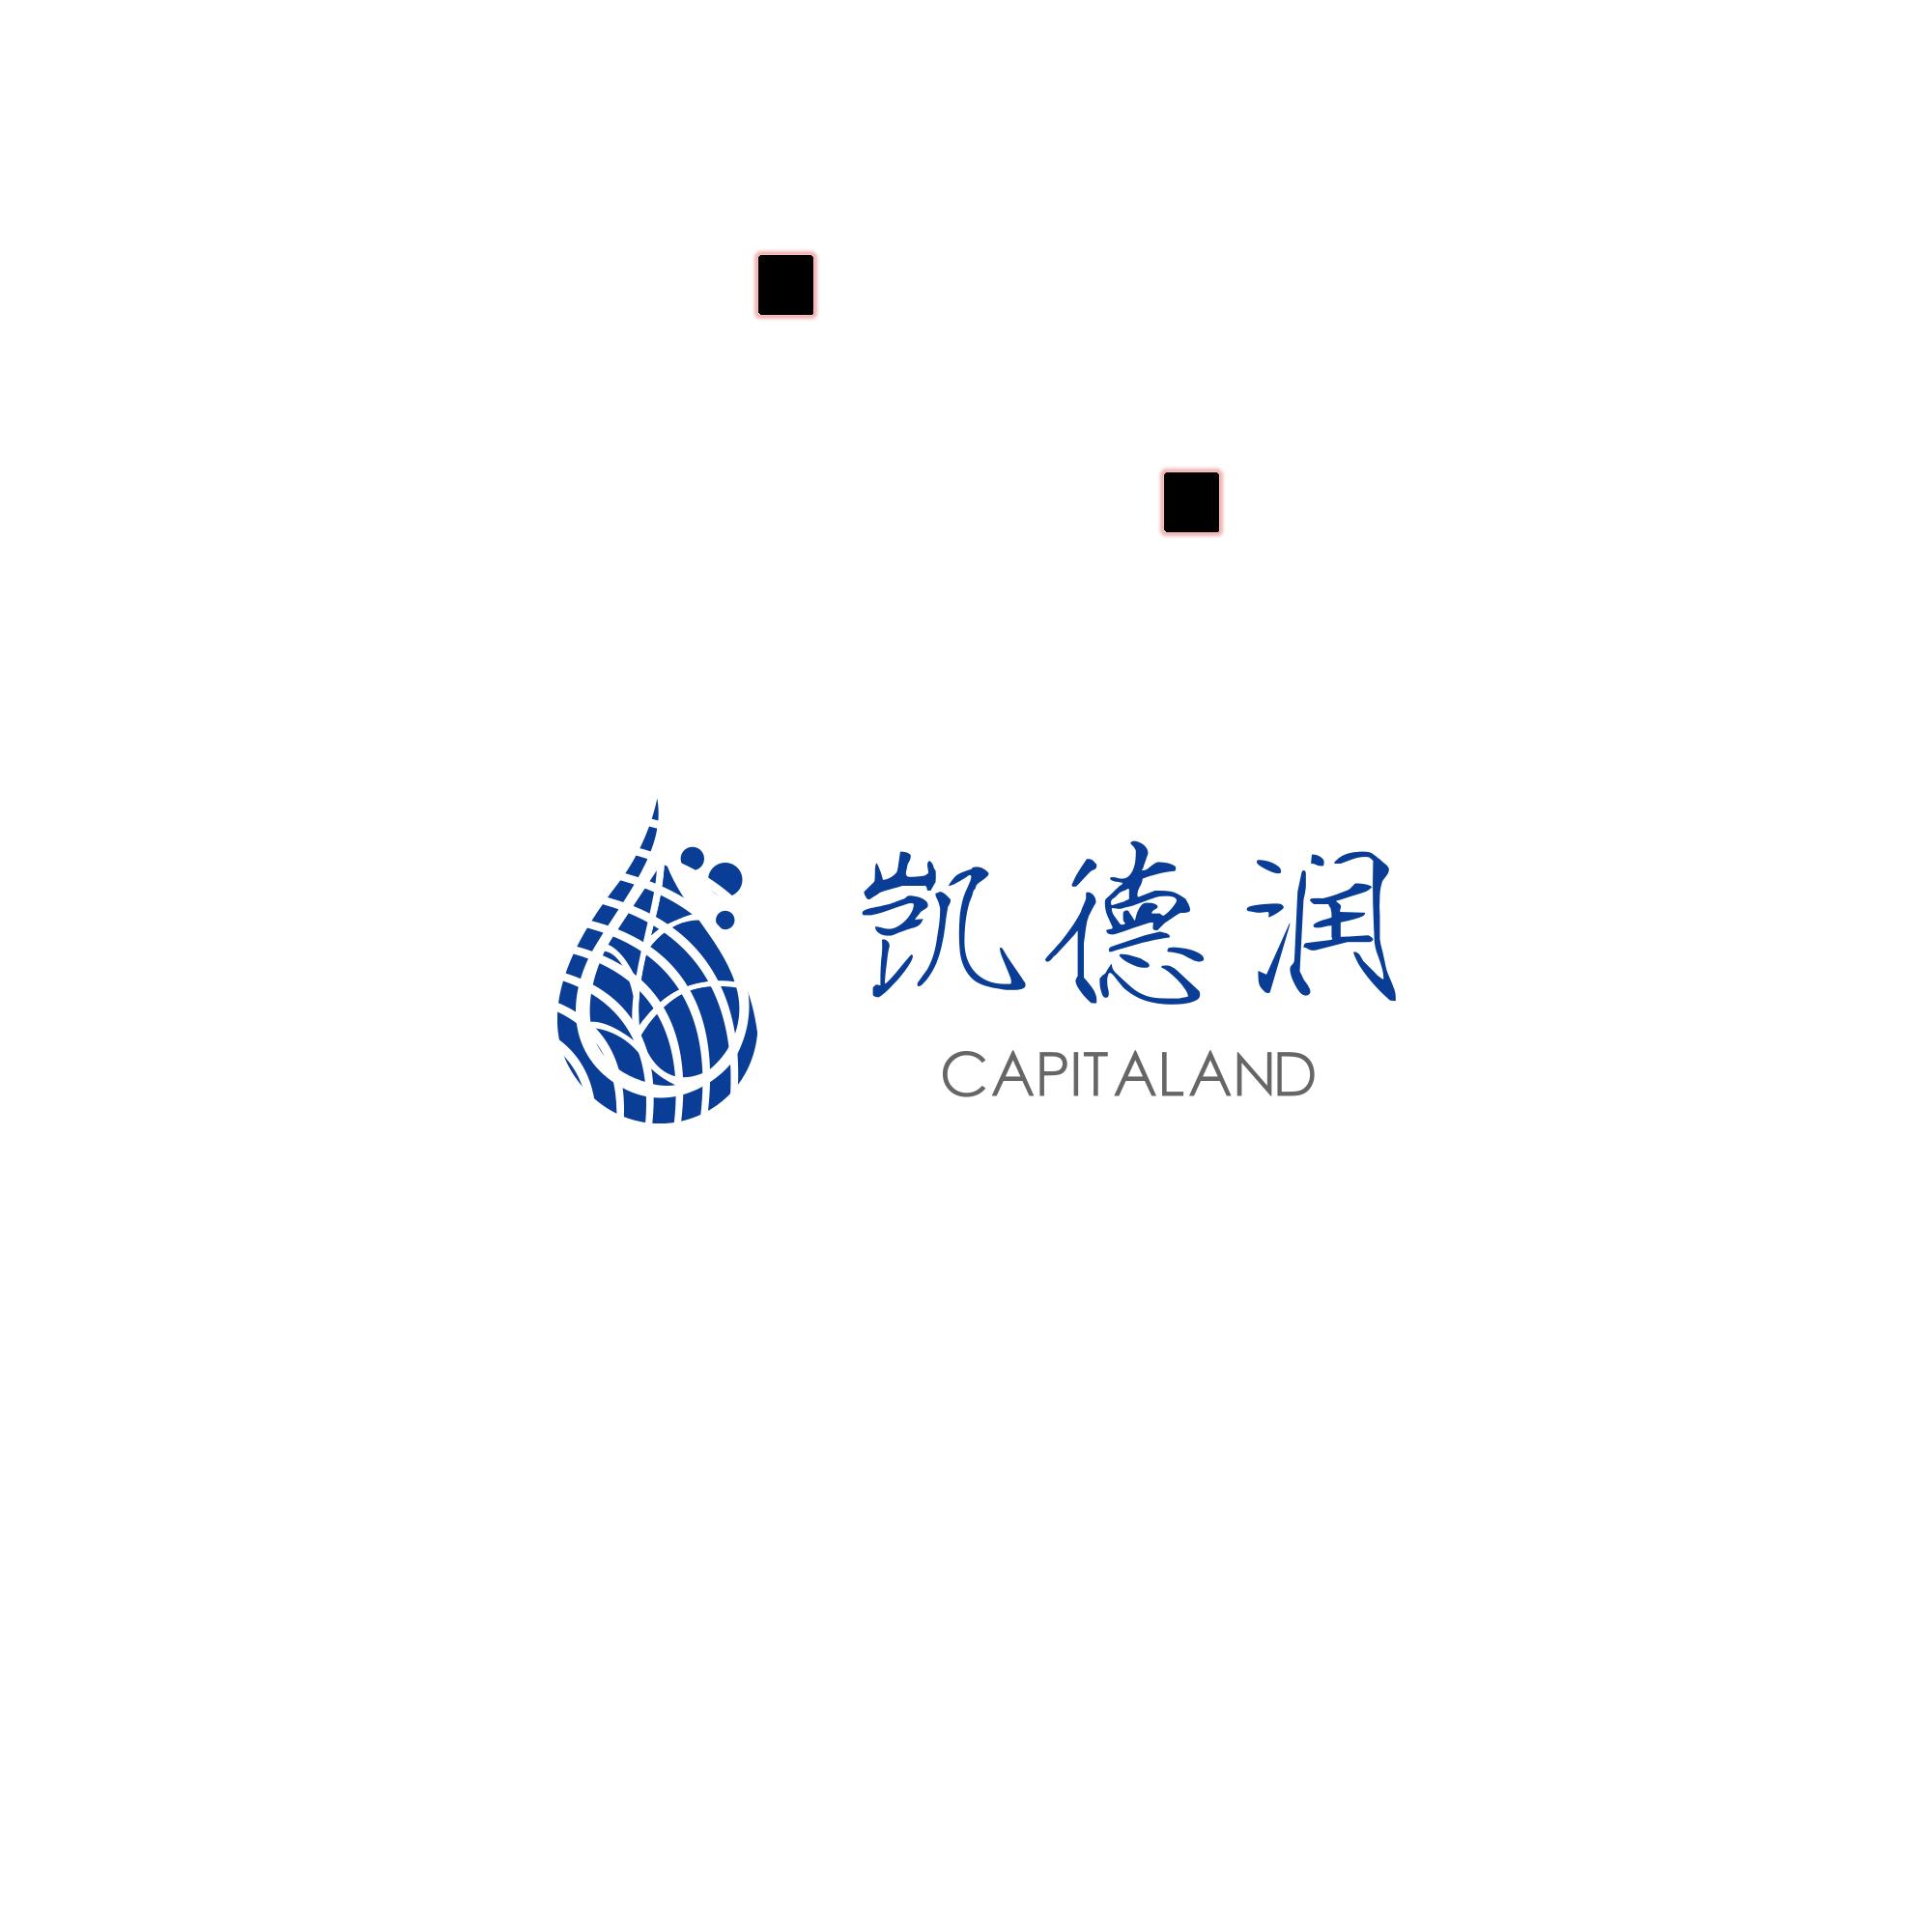 天津凯德润环保科技有限公司